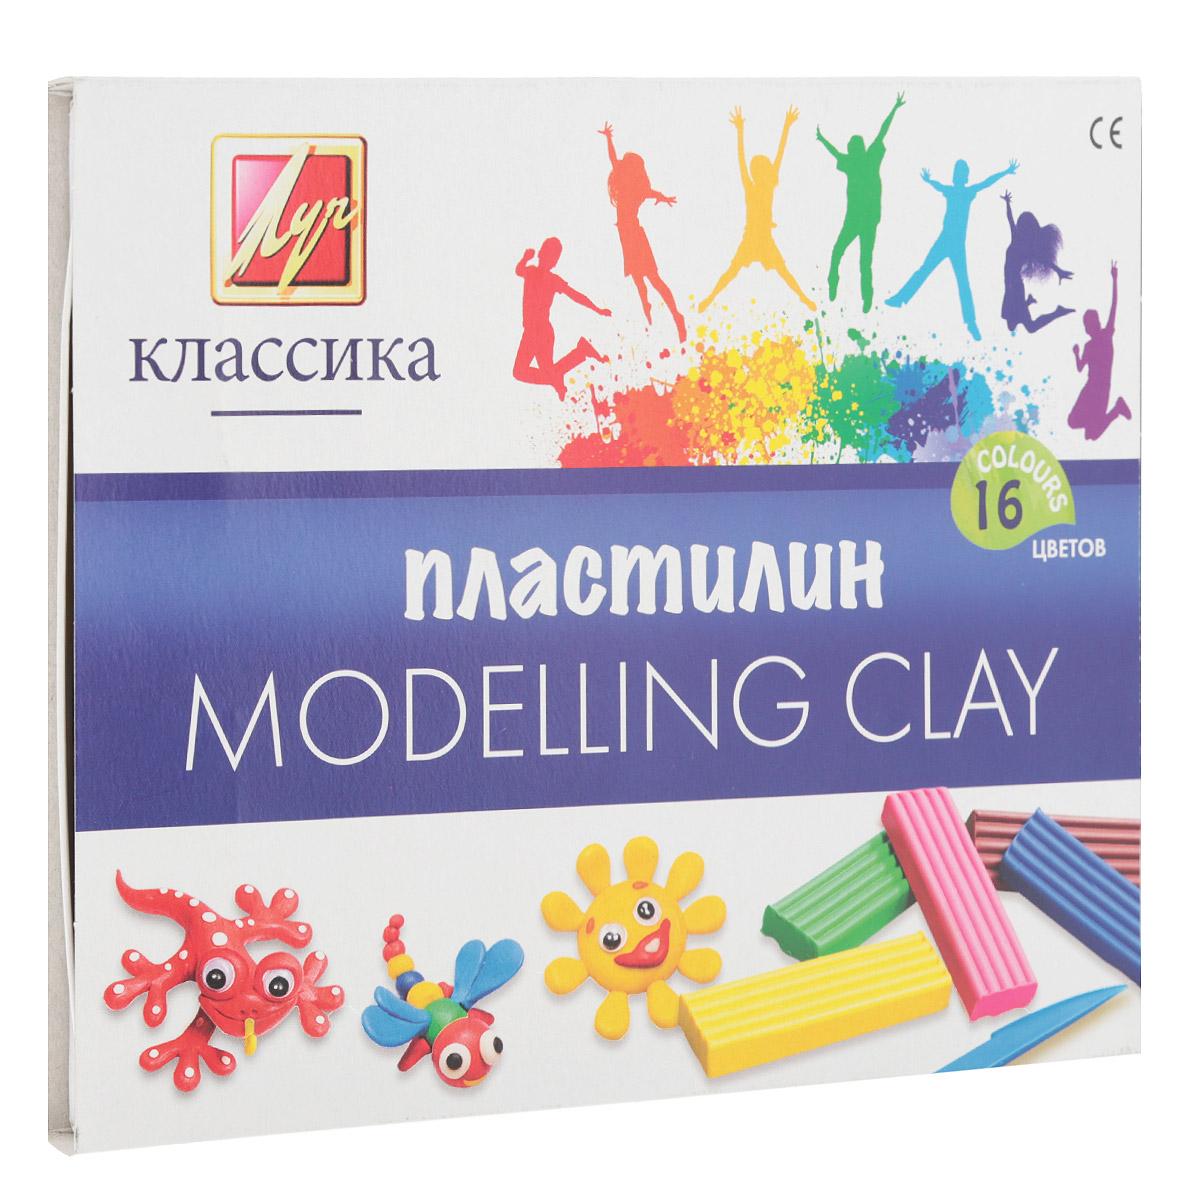 Пластилин Луч Классика, со стеком, 16 цветов пластилин детский классика 16 цветов 20с 1329 08